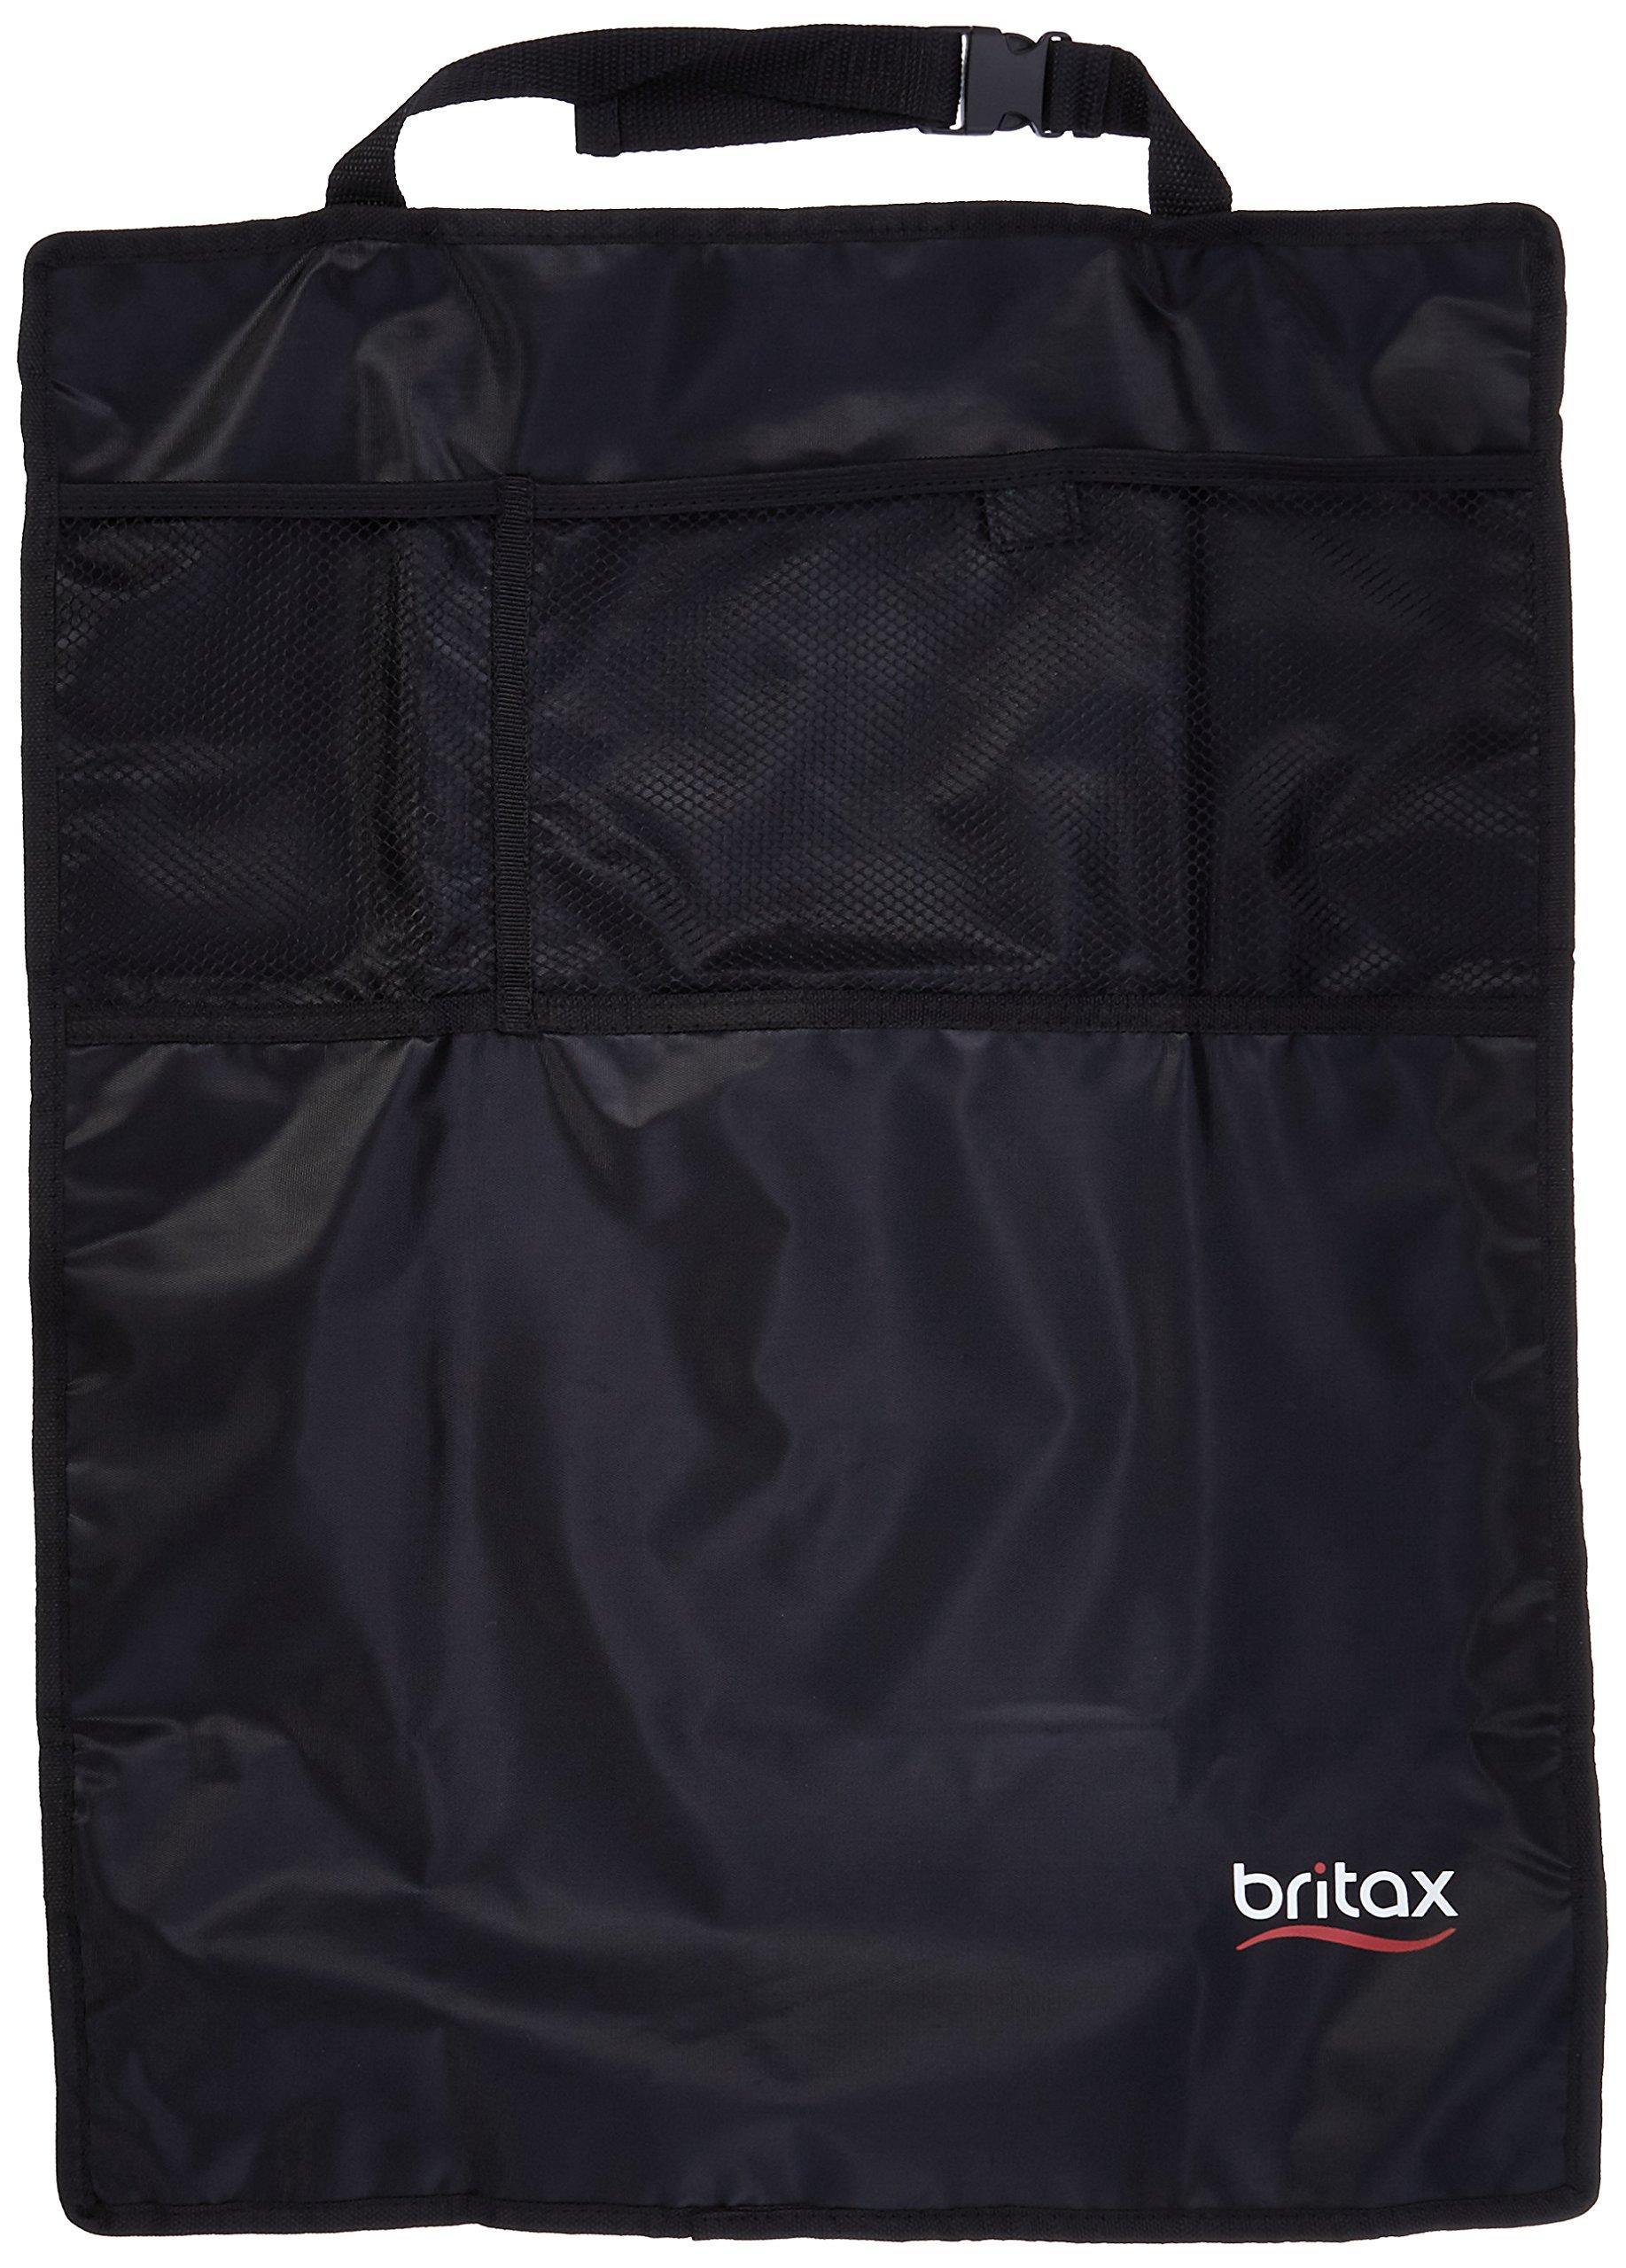 Britax Kick Mats, 2-Count, Black